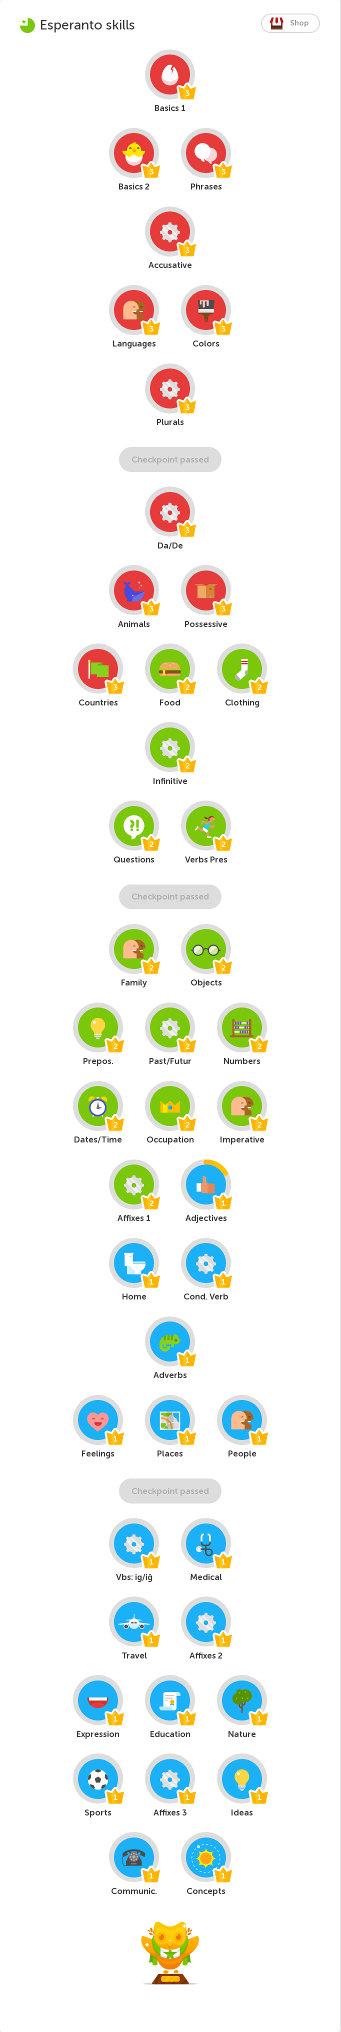 Duolingo Esperanto 2018-05-29